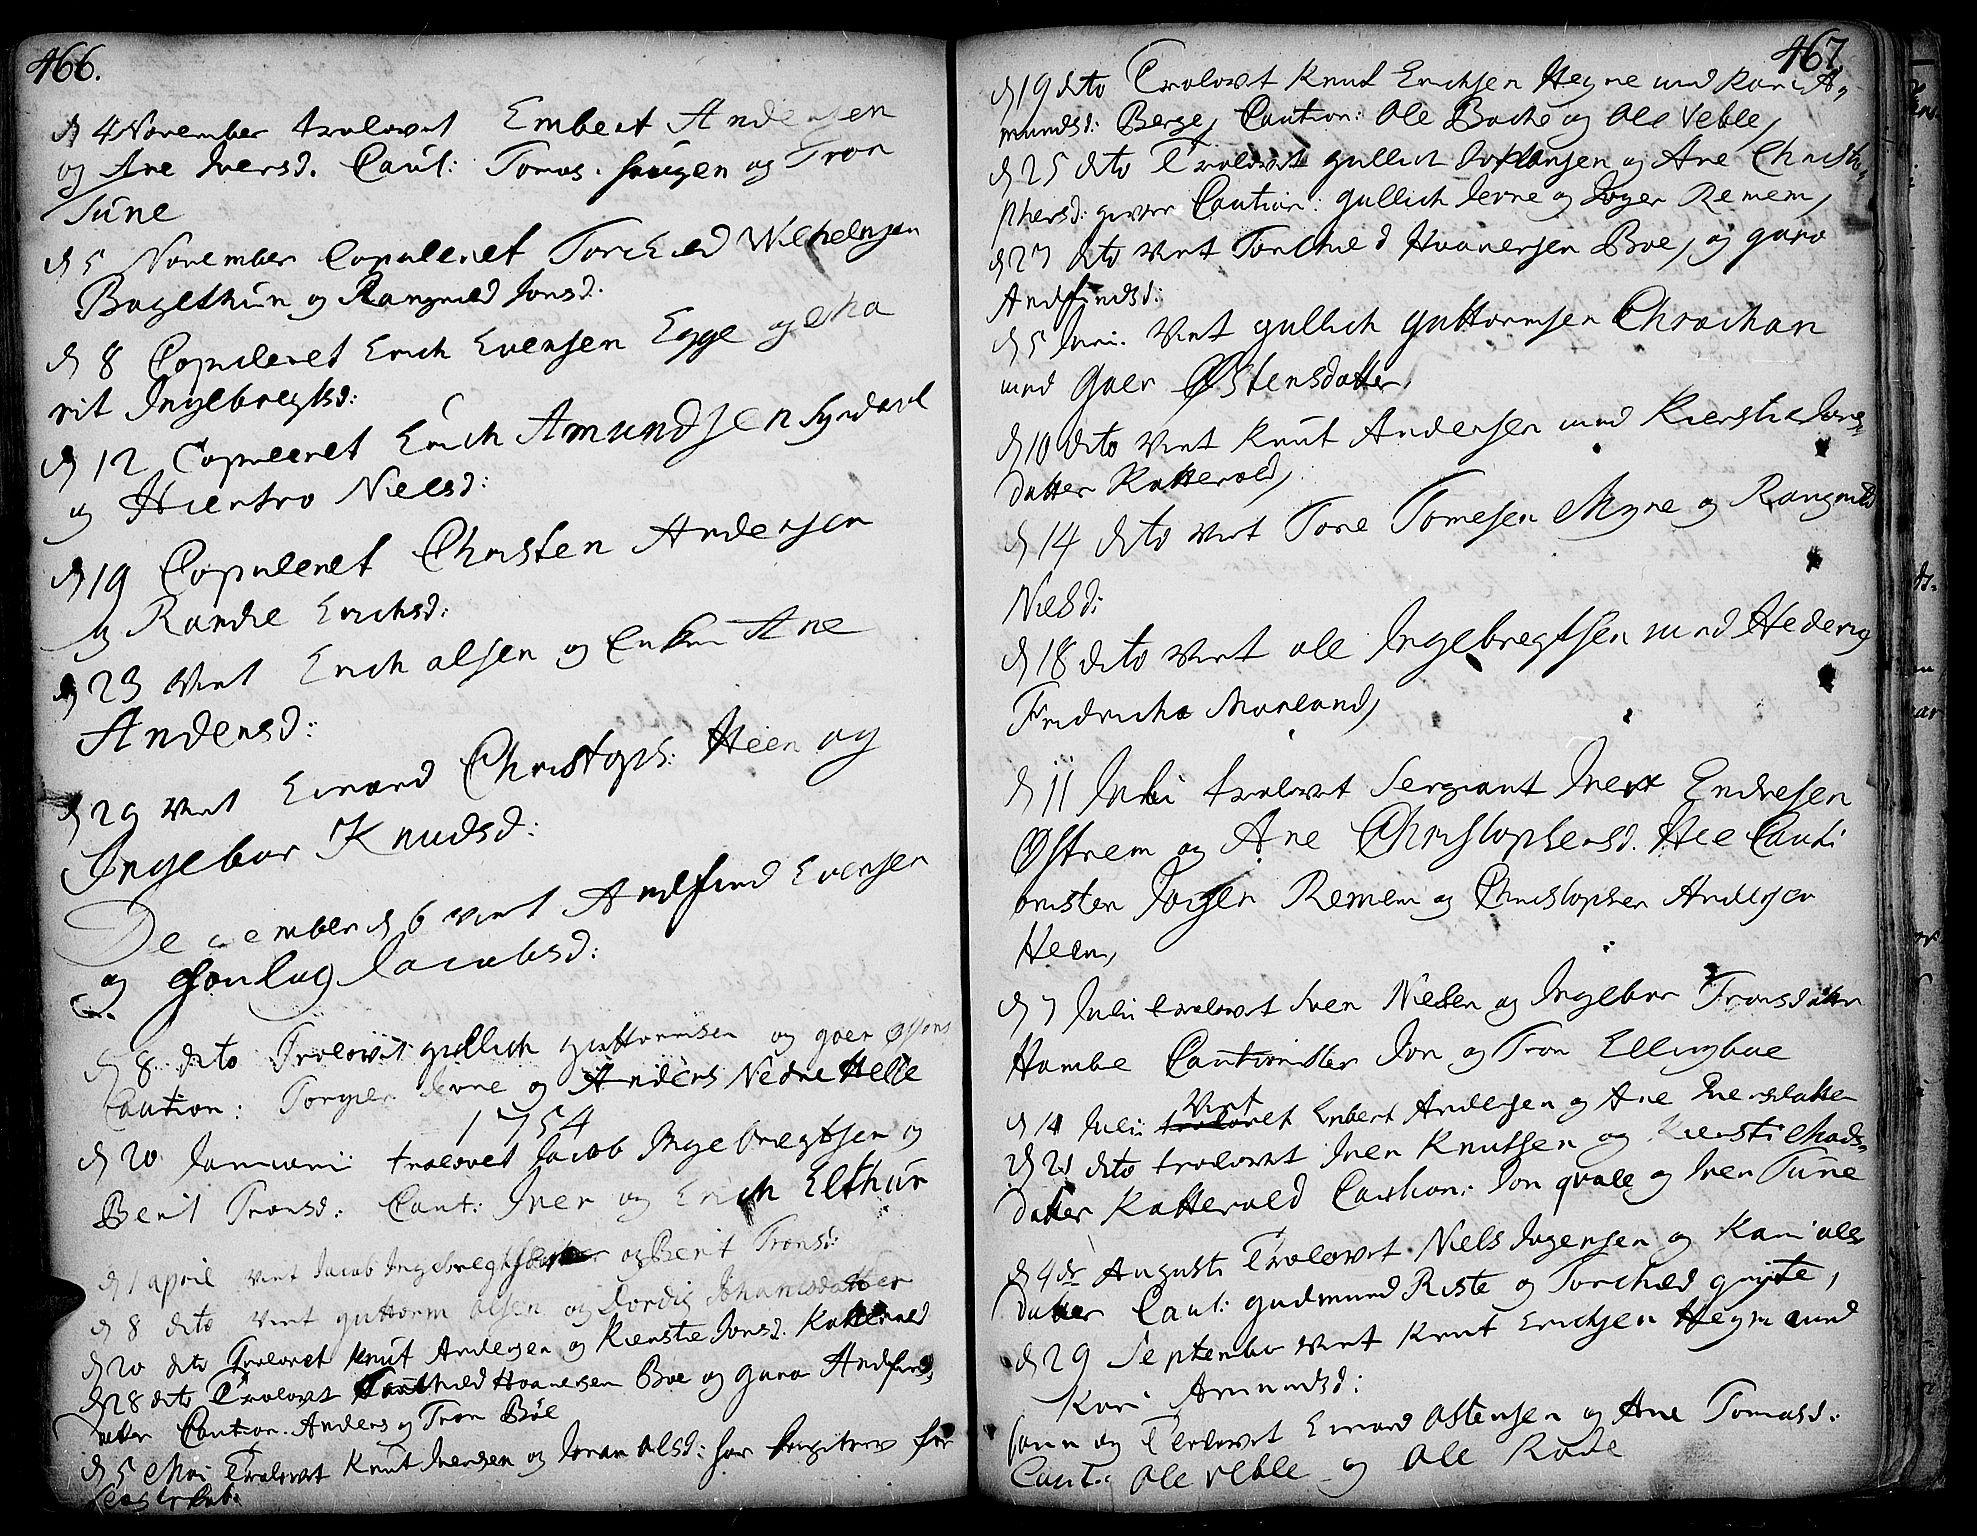 SAH, Vang prestekontor, Valdres, Ministerialbok nr. 1, 1730-1796, s. 466-467